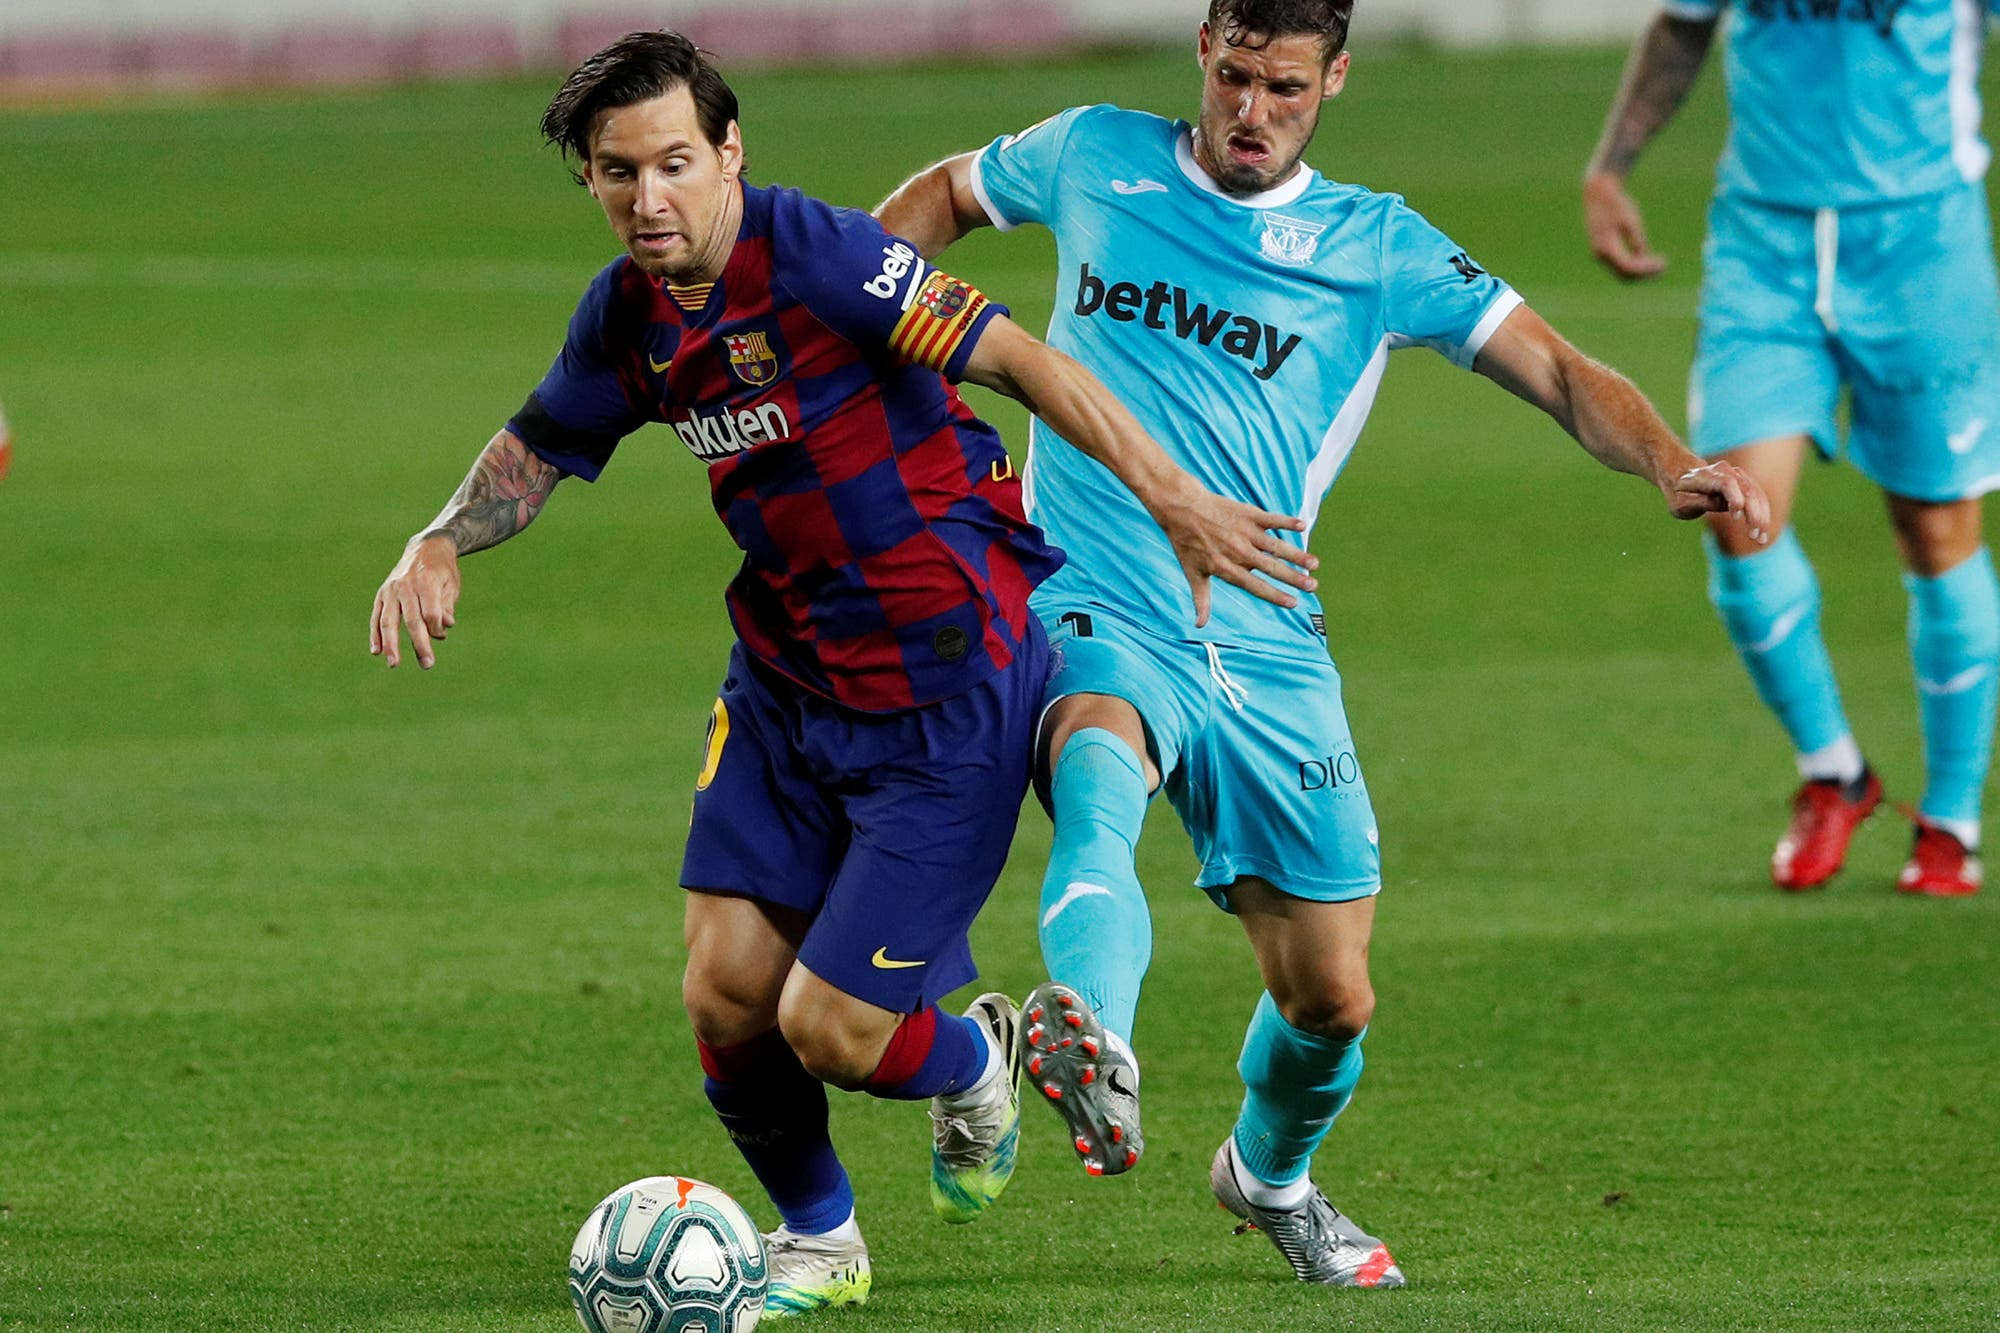 Agenda deportiva: ya se juega Sevilla-Barcelona con Leo Messi buscando el gol 700